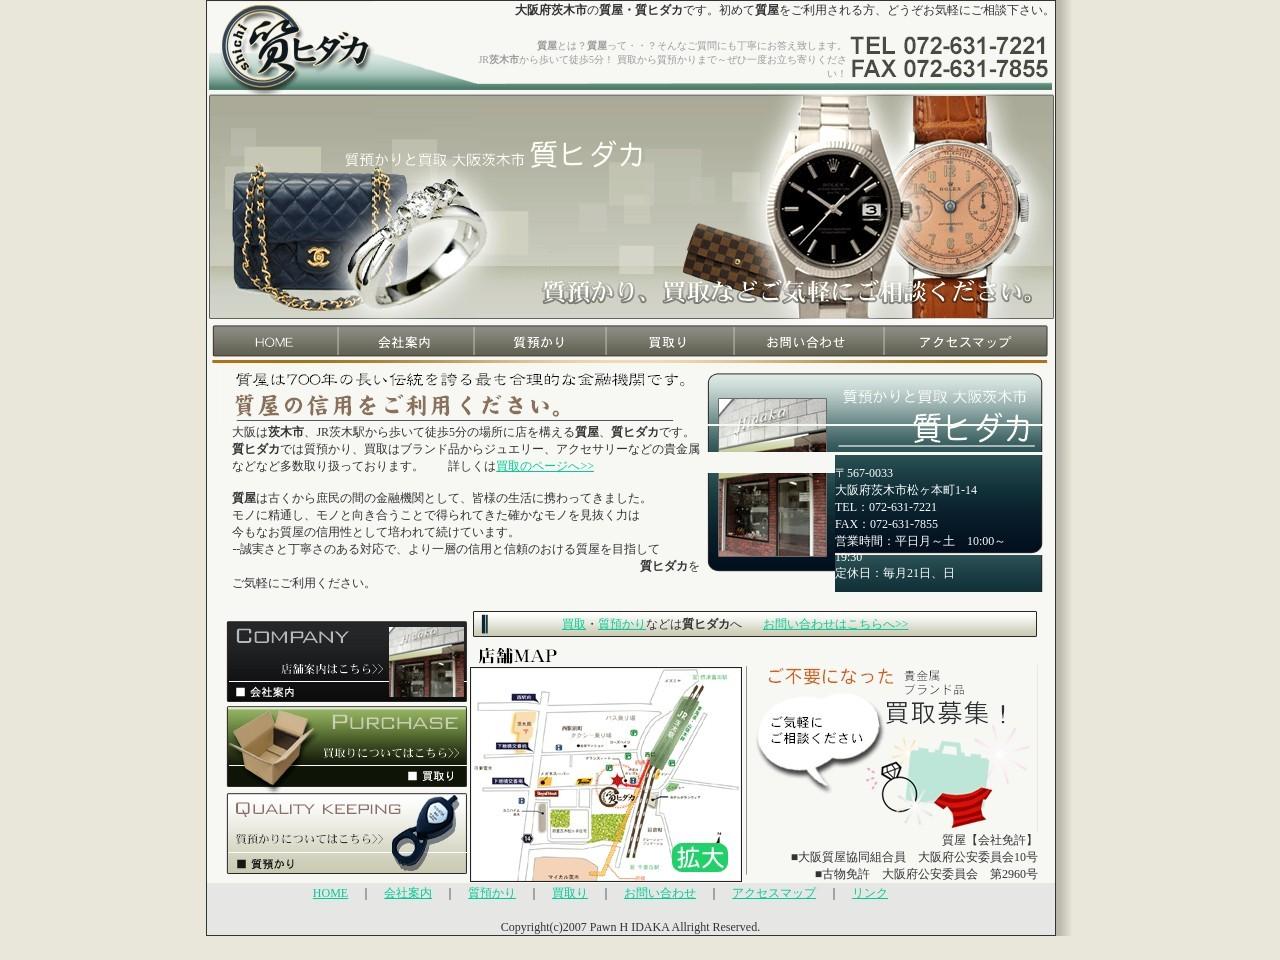 大阪茨木市の質屋、質ヒダカ|ブランド品の買取りから質預かりまで質ヒダカにお任せ下さい